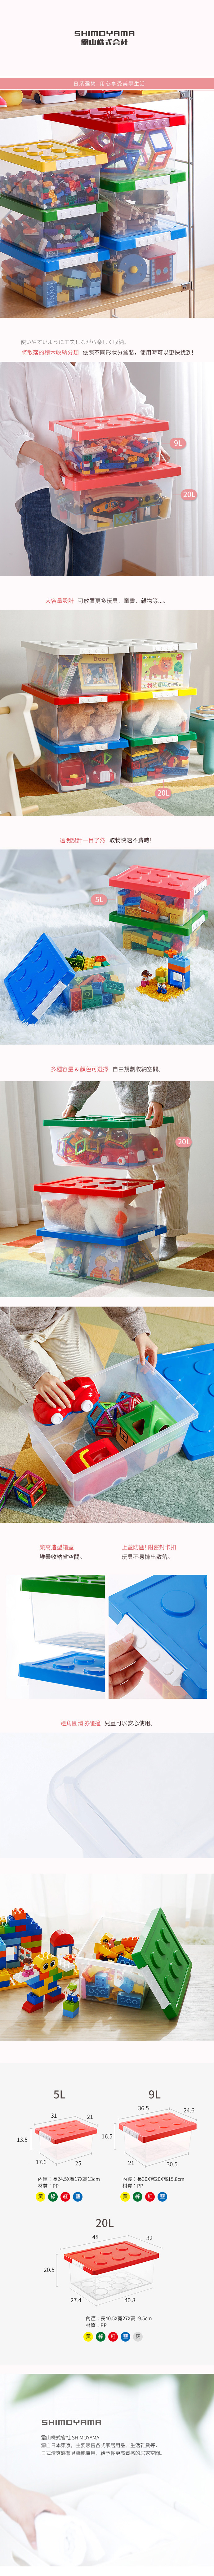 霜山|樂高可疊式積木玩具收納盒-加大款-3入-4色選